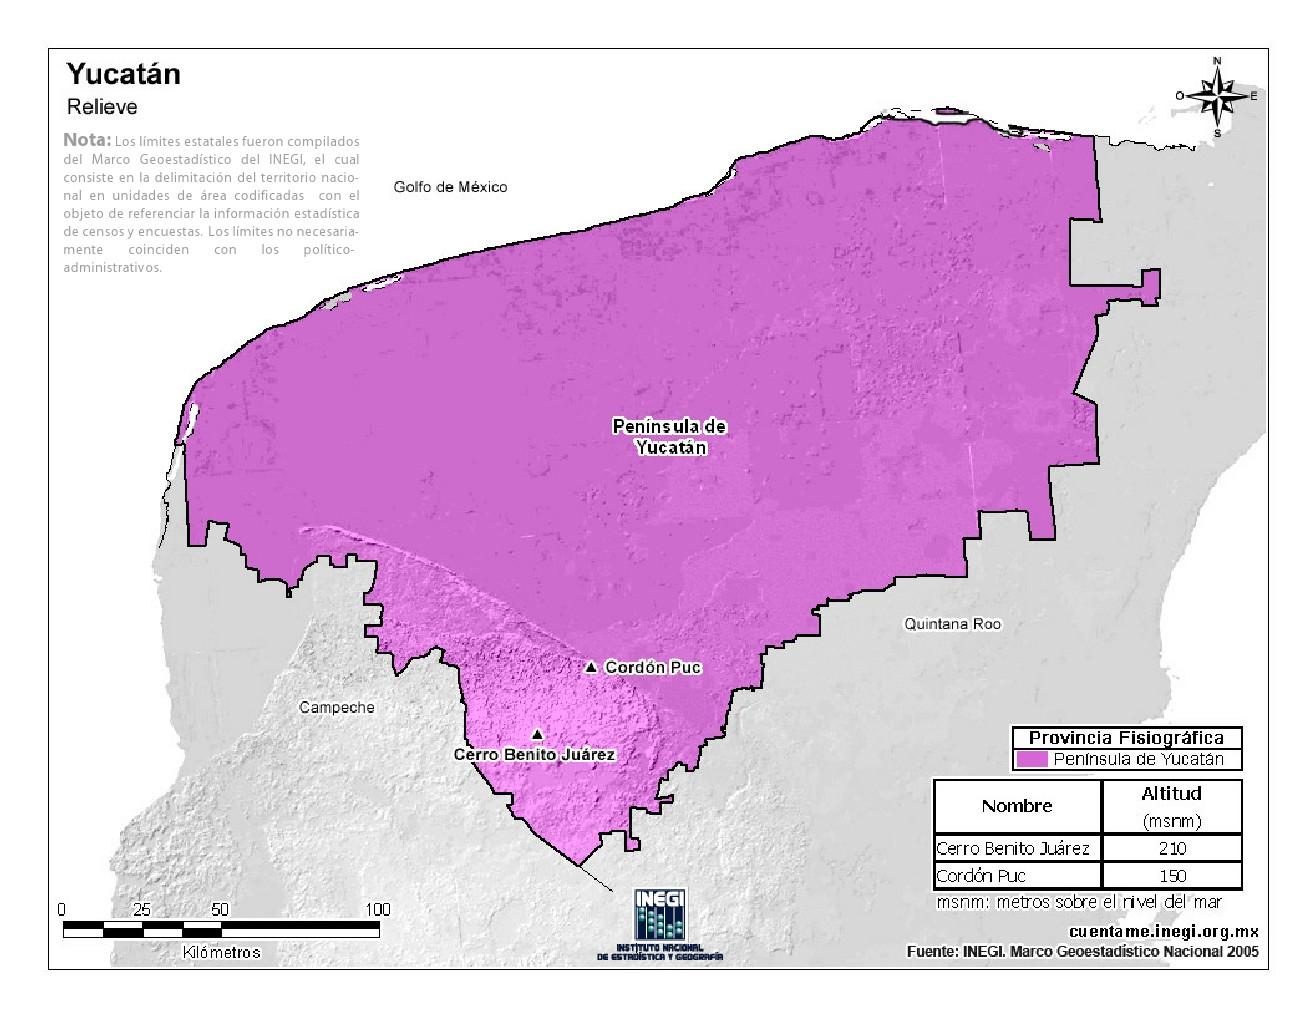 Mapa en color de montañas de Yucatán. INEGI de México